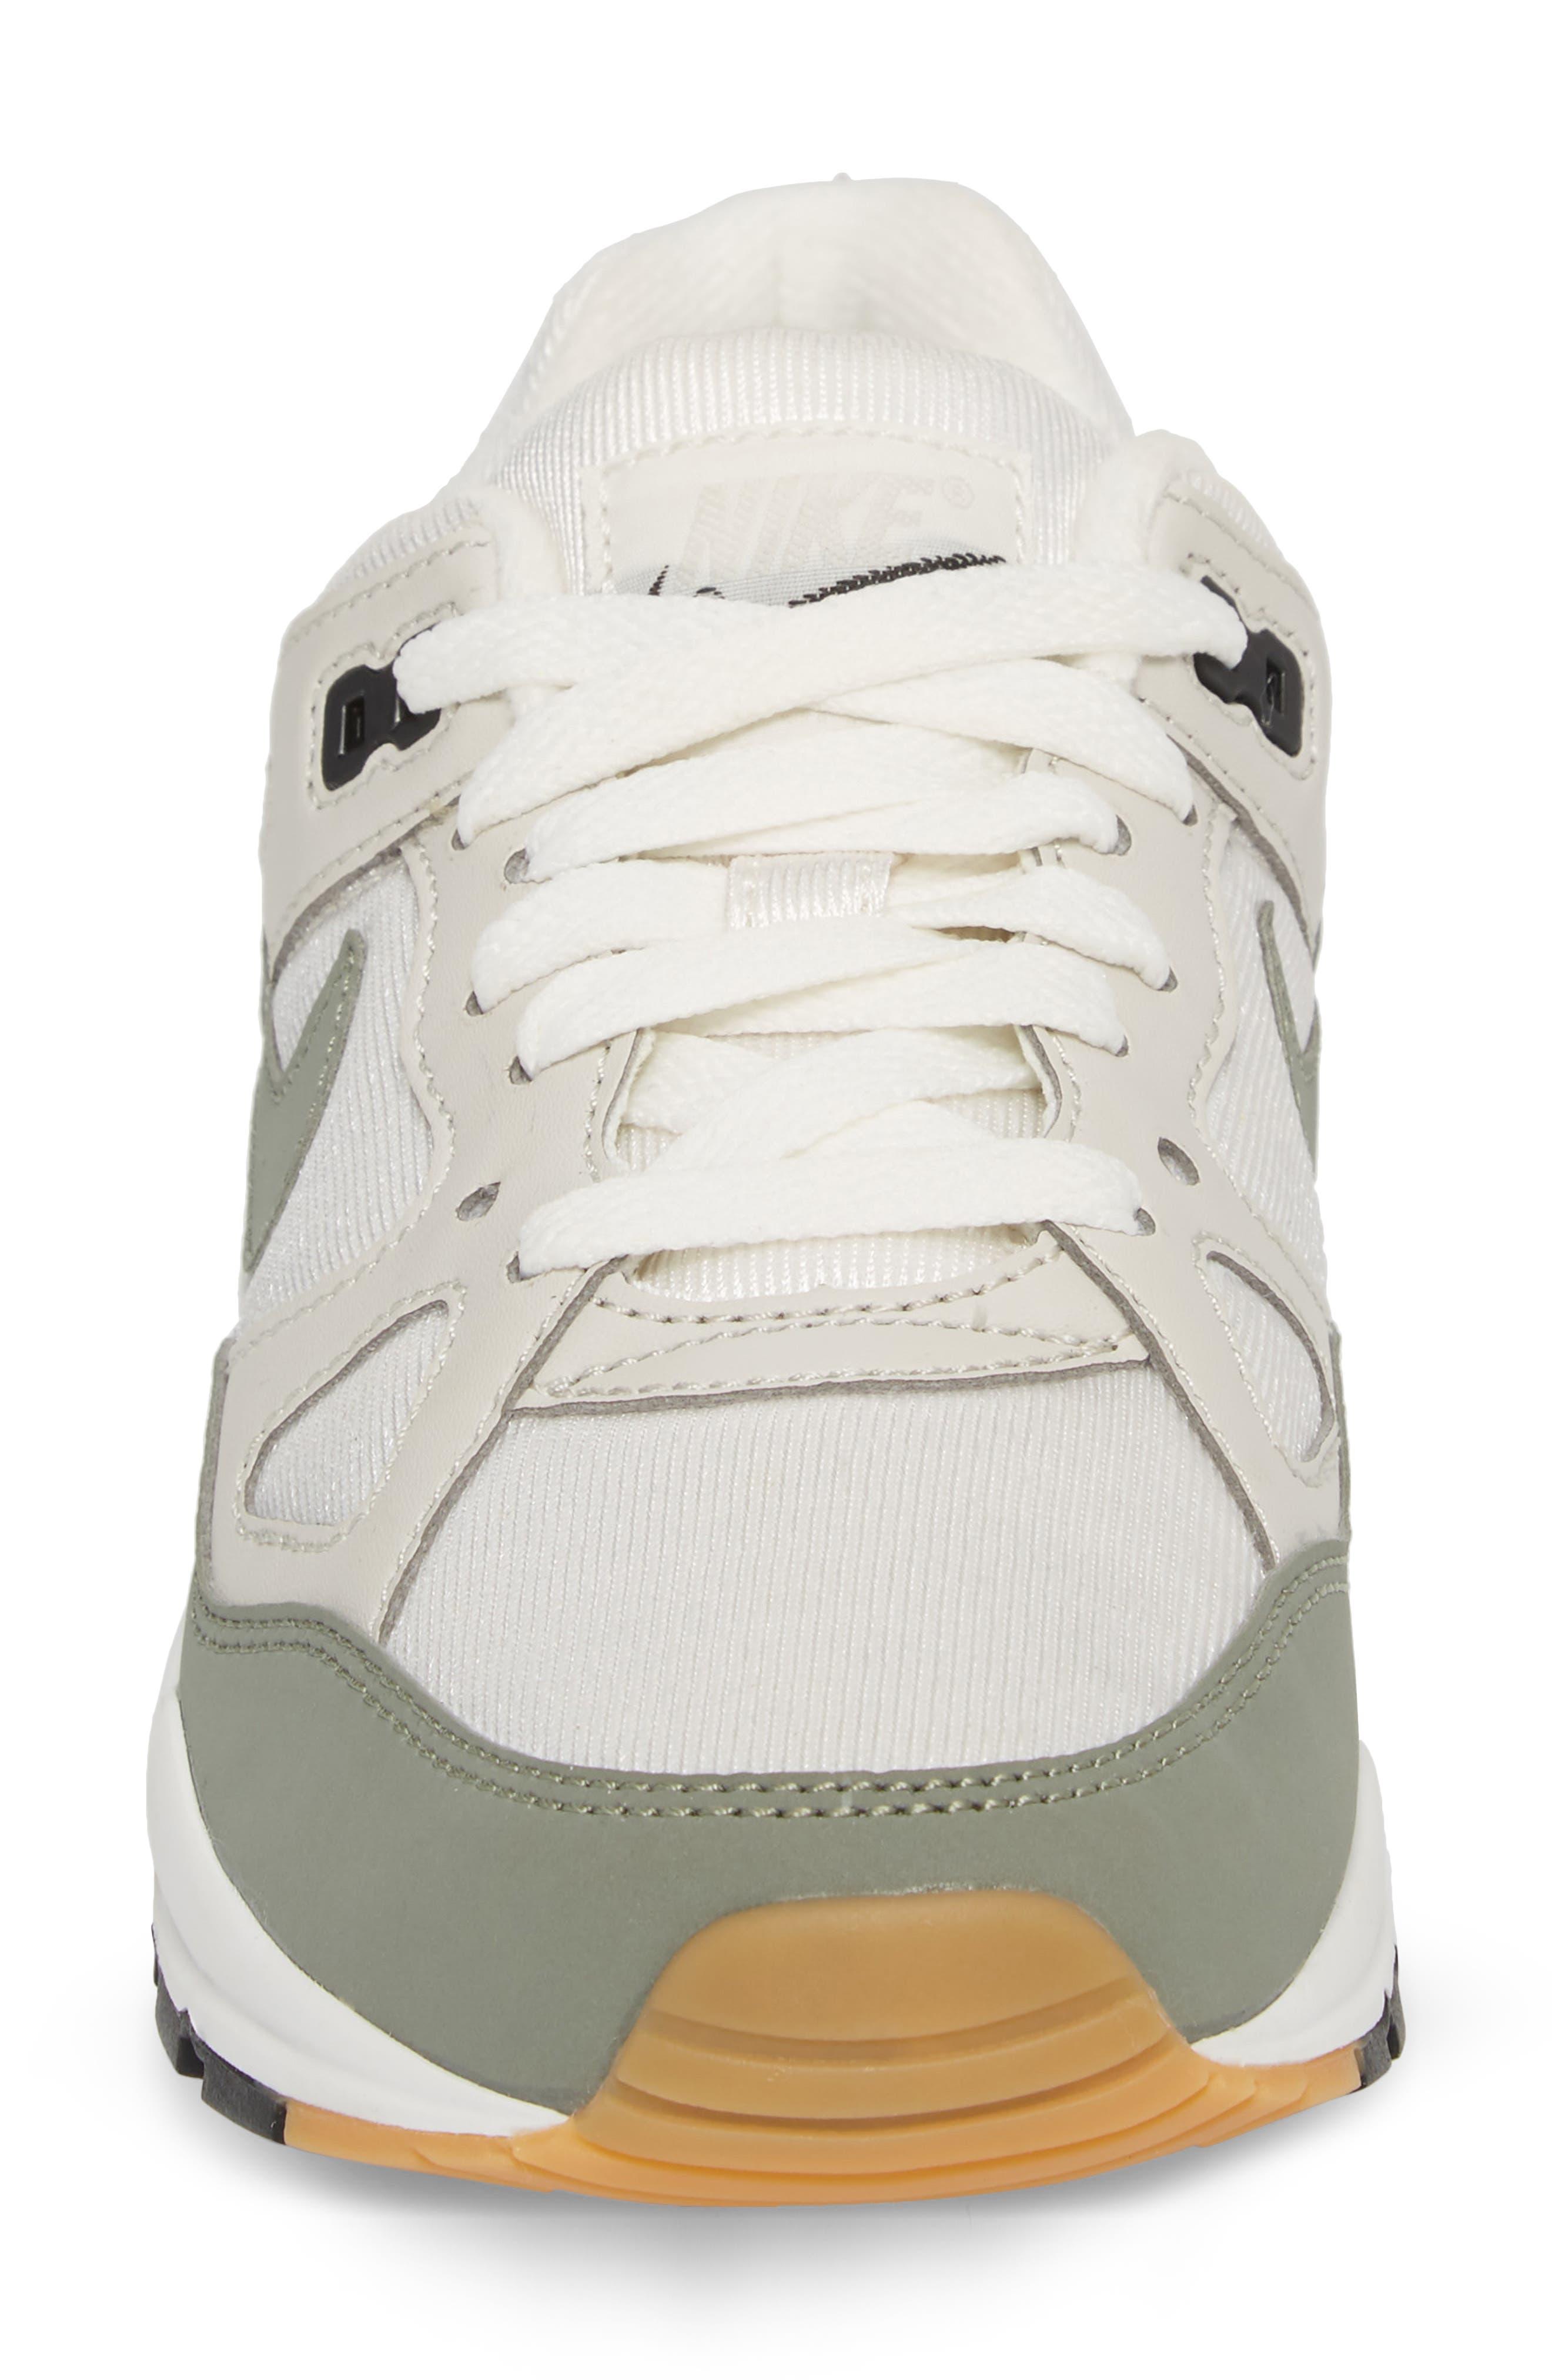 NIKE,                             Air Span II Sneaker,                             Alternate thumbnail 4, color,                             020